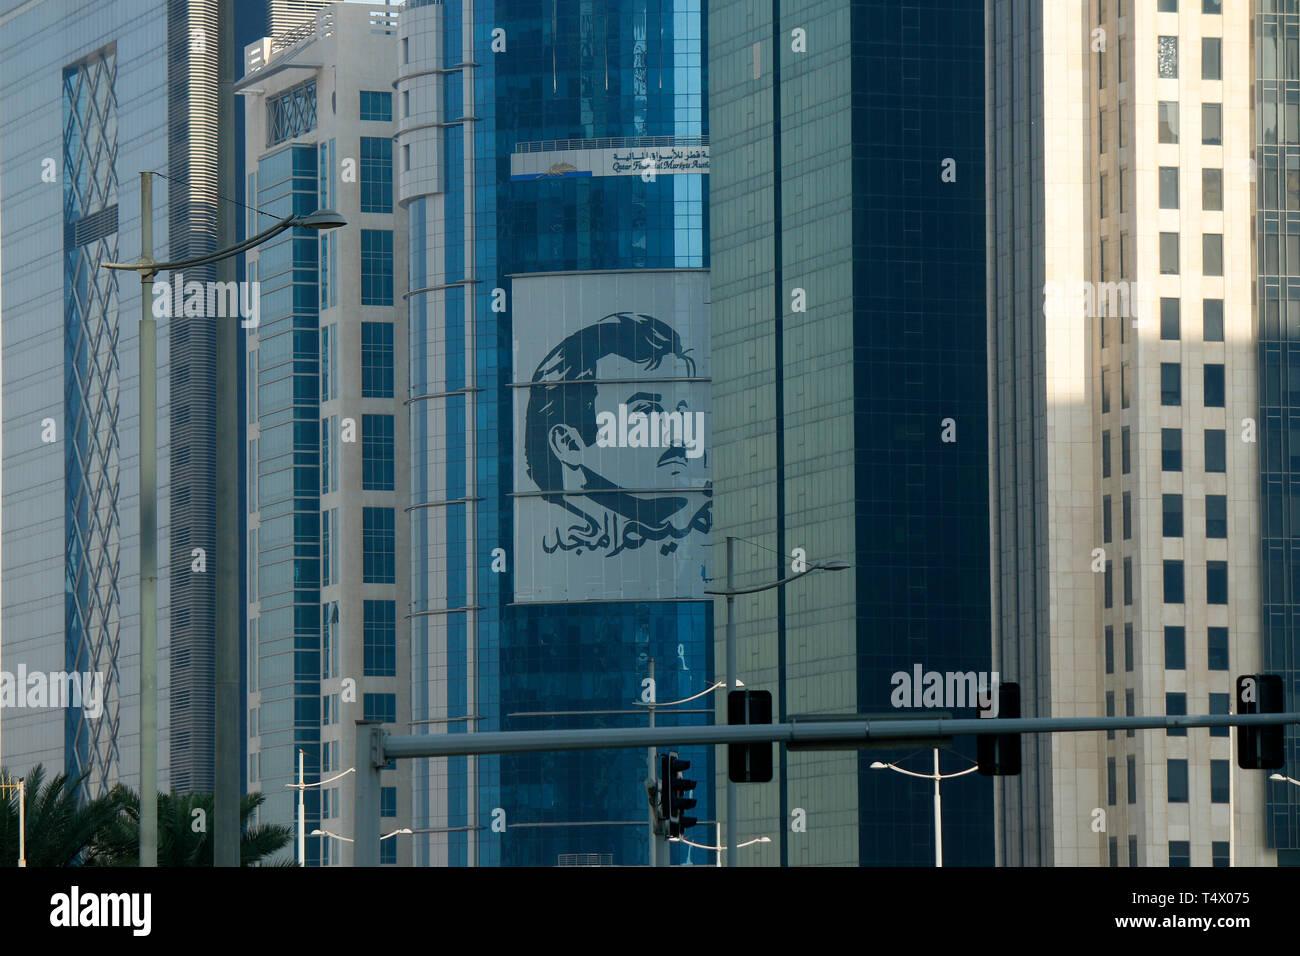 Impressionen: Portrait des Herrschers Sheik Tamim bin Hamad Al Thani an Wolkenkratzer, Doha, Katar/ Qatar. - Stock Image